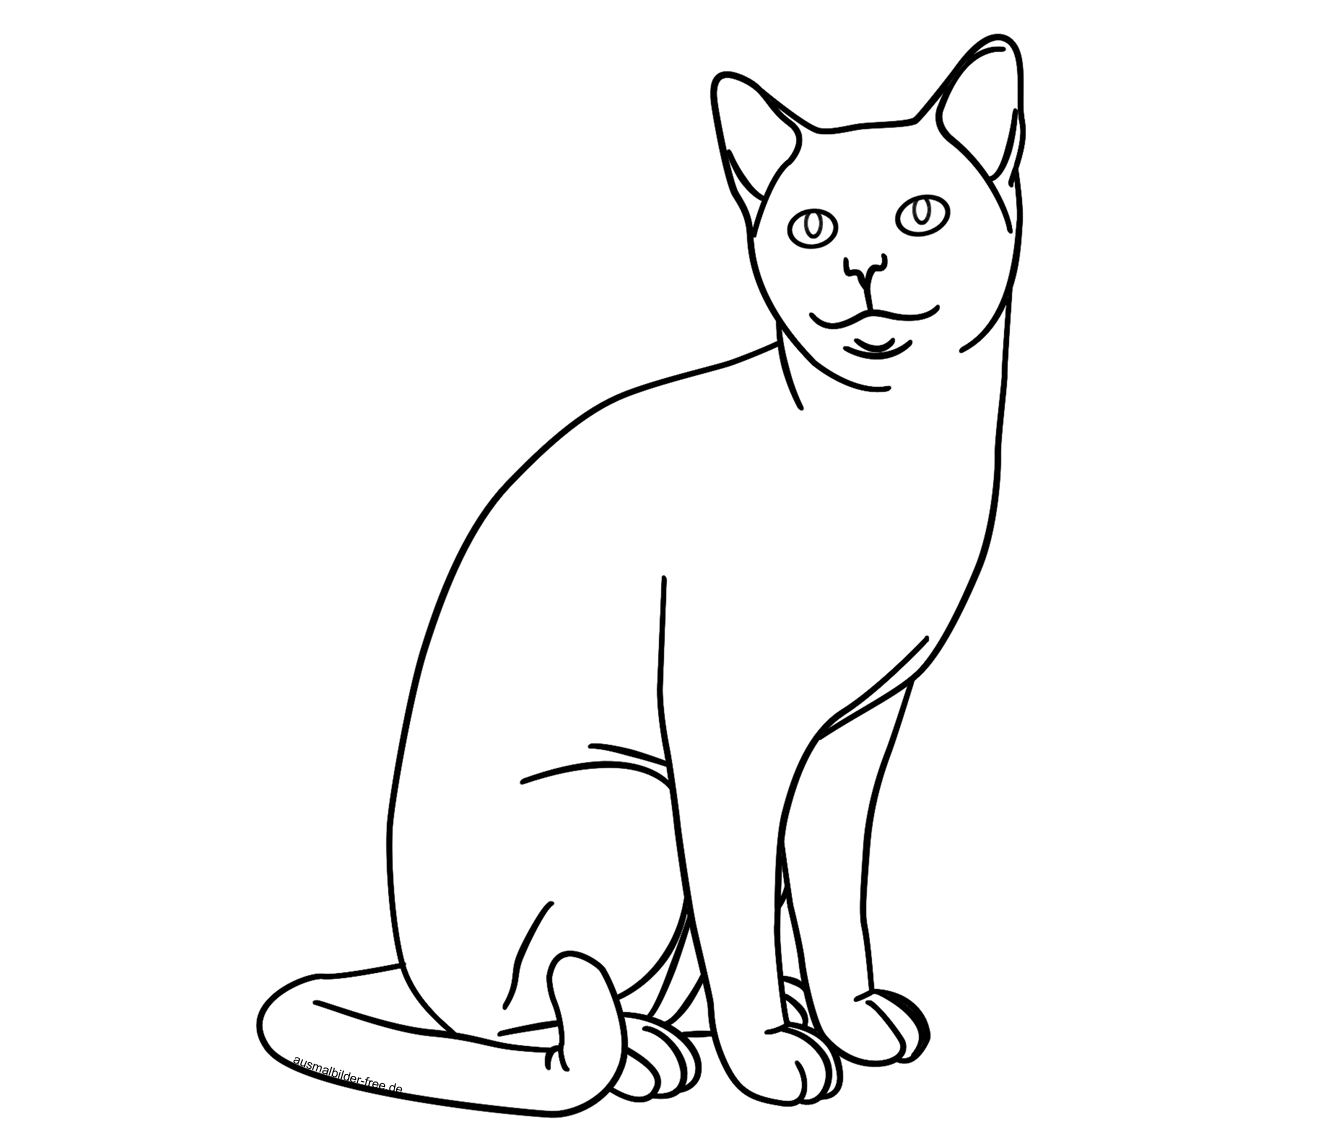 Ausmalbilder-Tiere-Katze-Katzen-Karikaturen-Comic-Cartoon mit Katzenbilder Comic